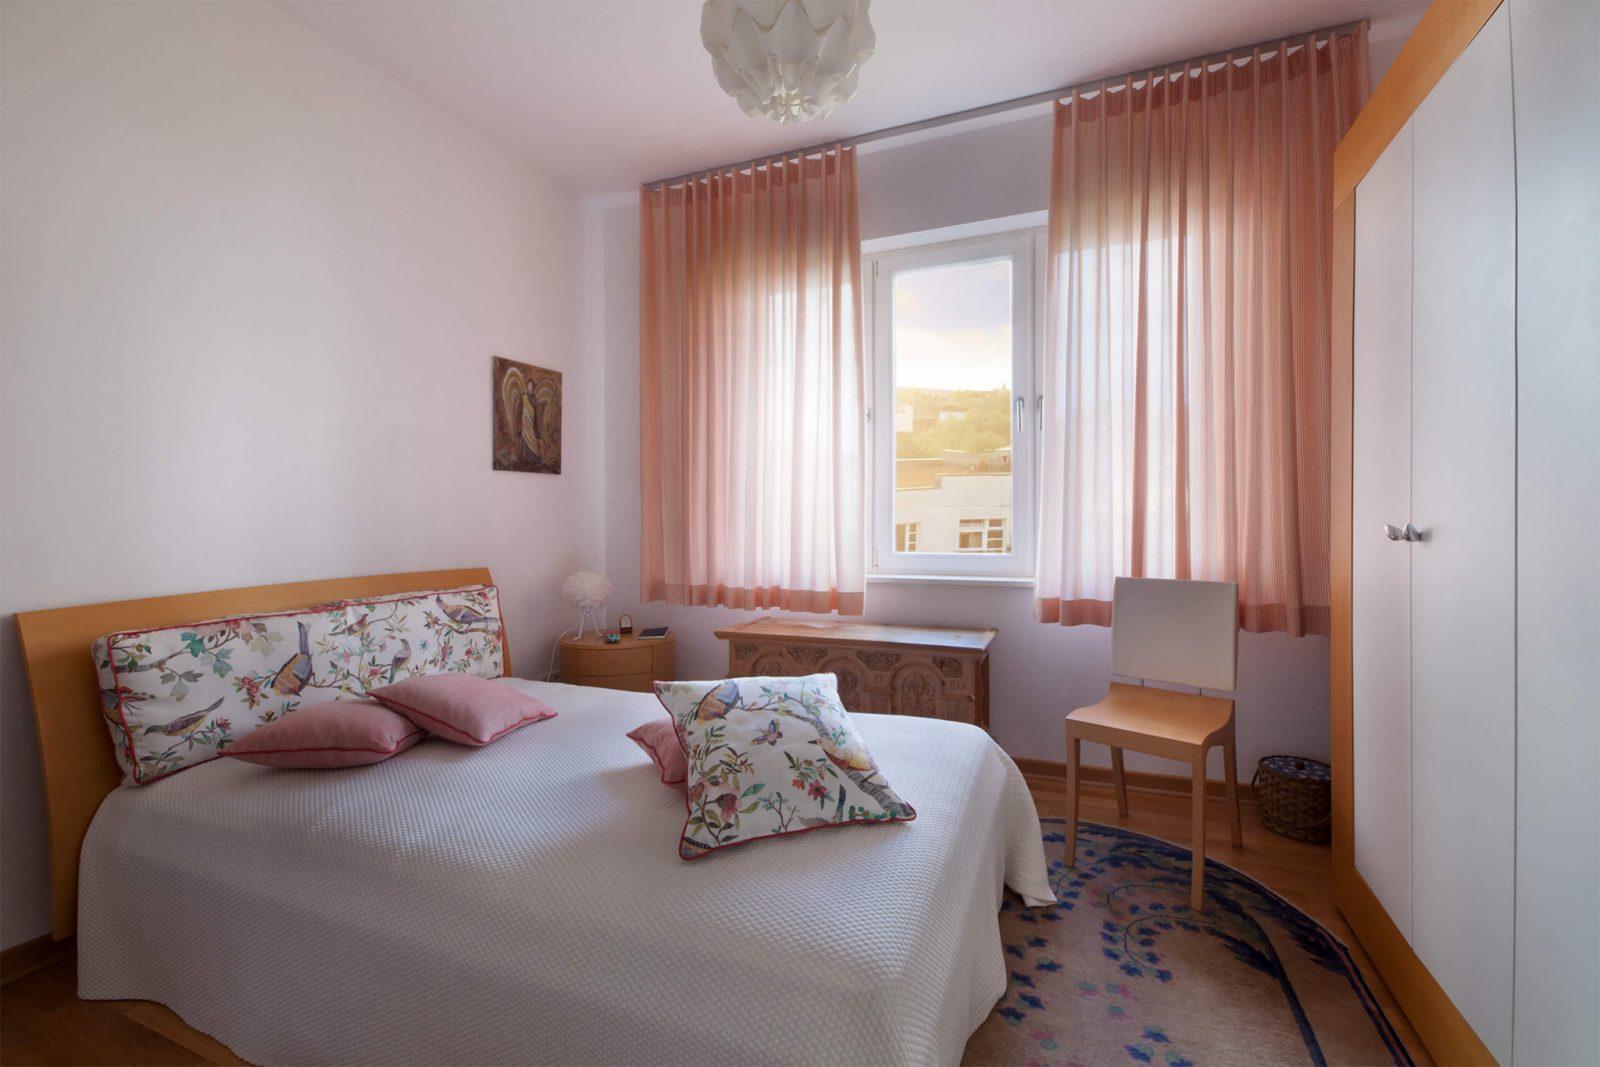 Schlafzimmer Gardinen In Berlin Charlottenburg von Vorhang Ideen Schlafzimmer Bild